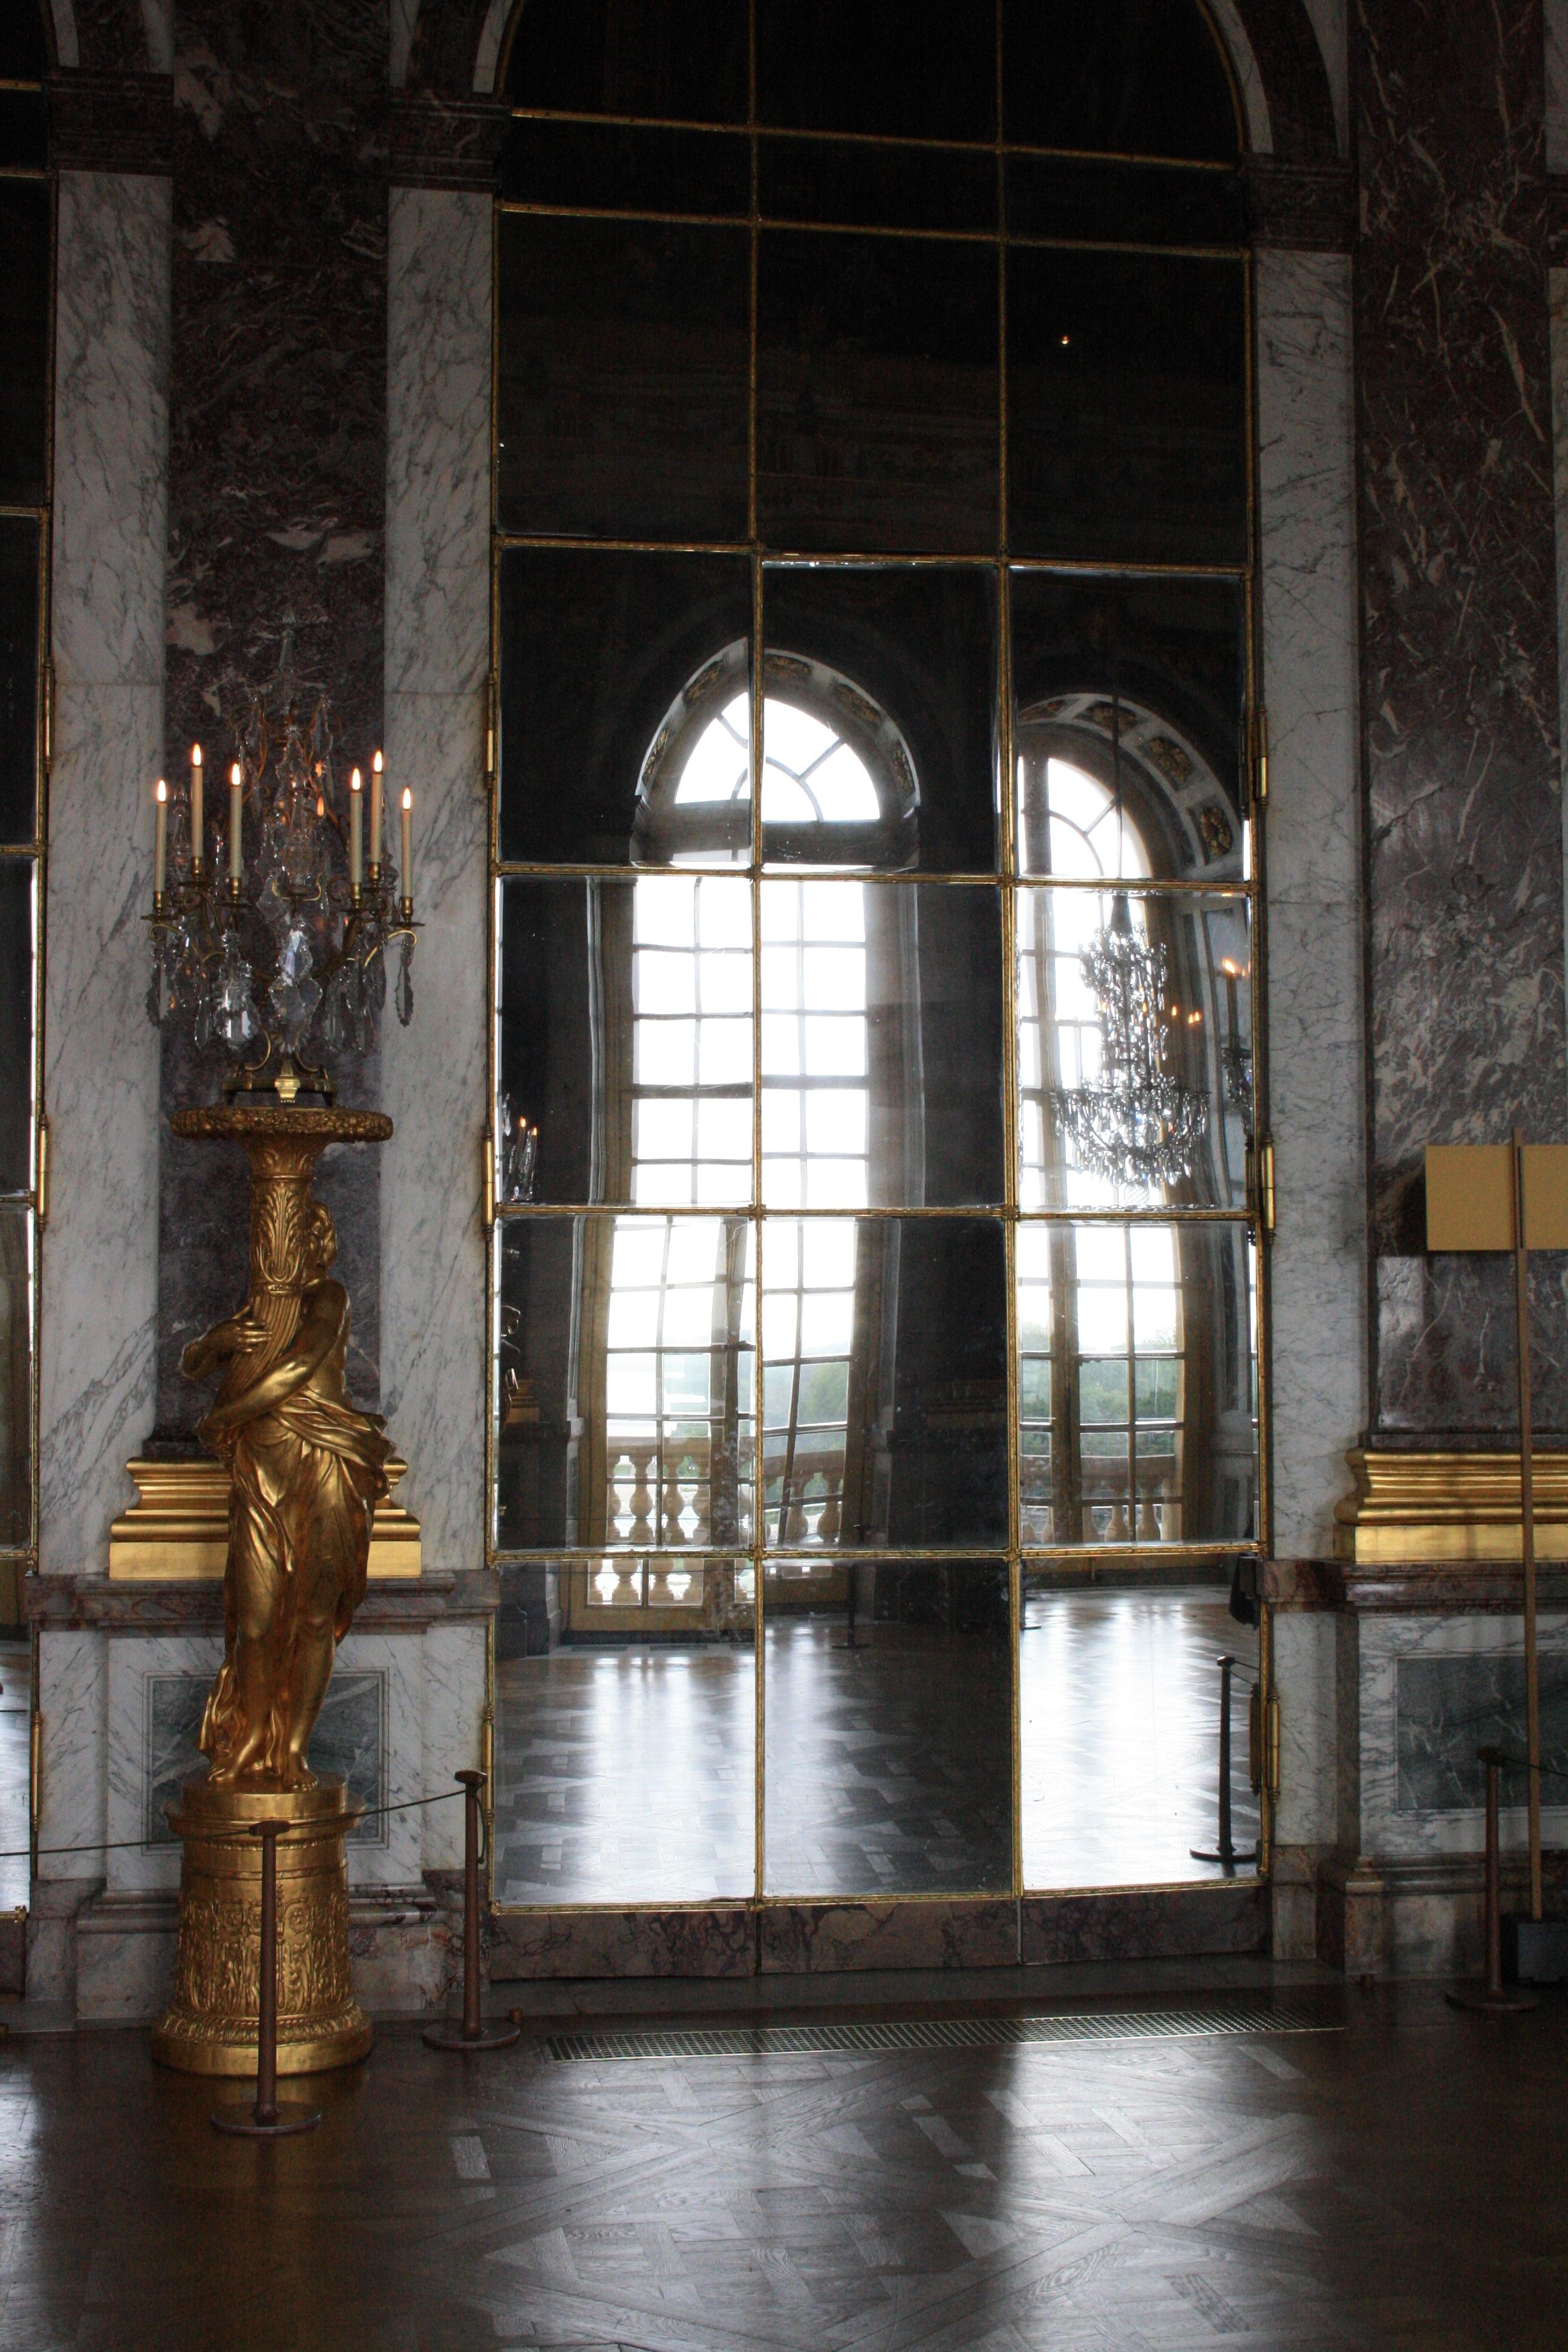 File:Chateau de Versailles 2011 King Bedroom Door Closed.jpg & File:Chateau de Versailles 2011 King Bedroom Door Closed.jpg ... Pezcame.Com